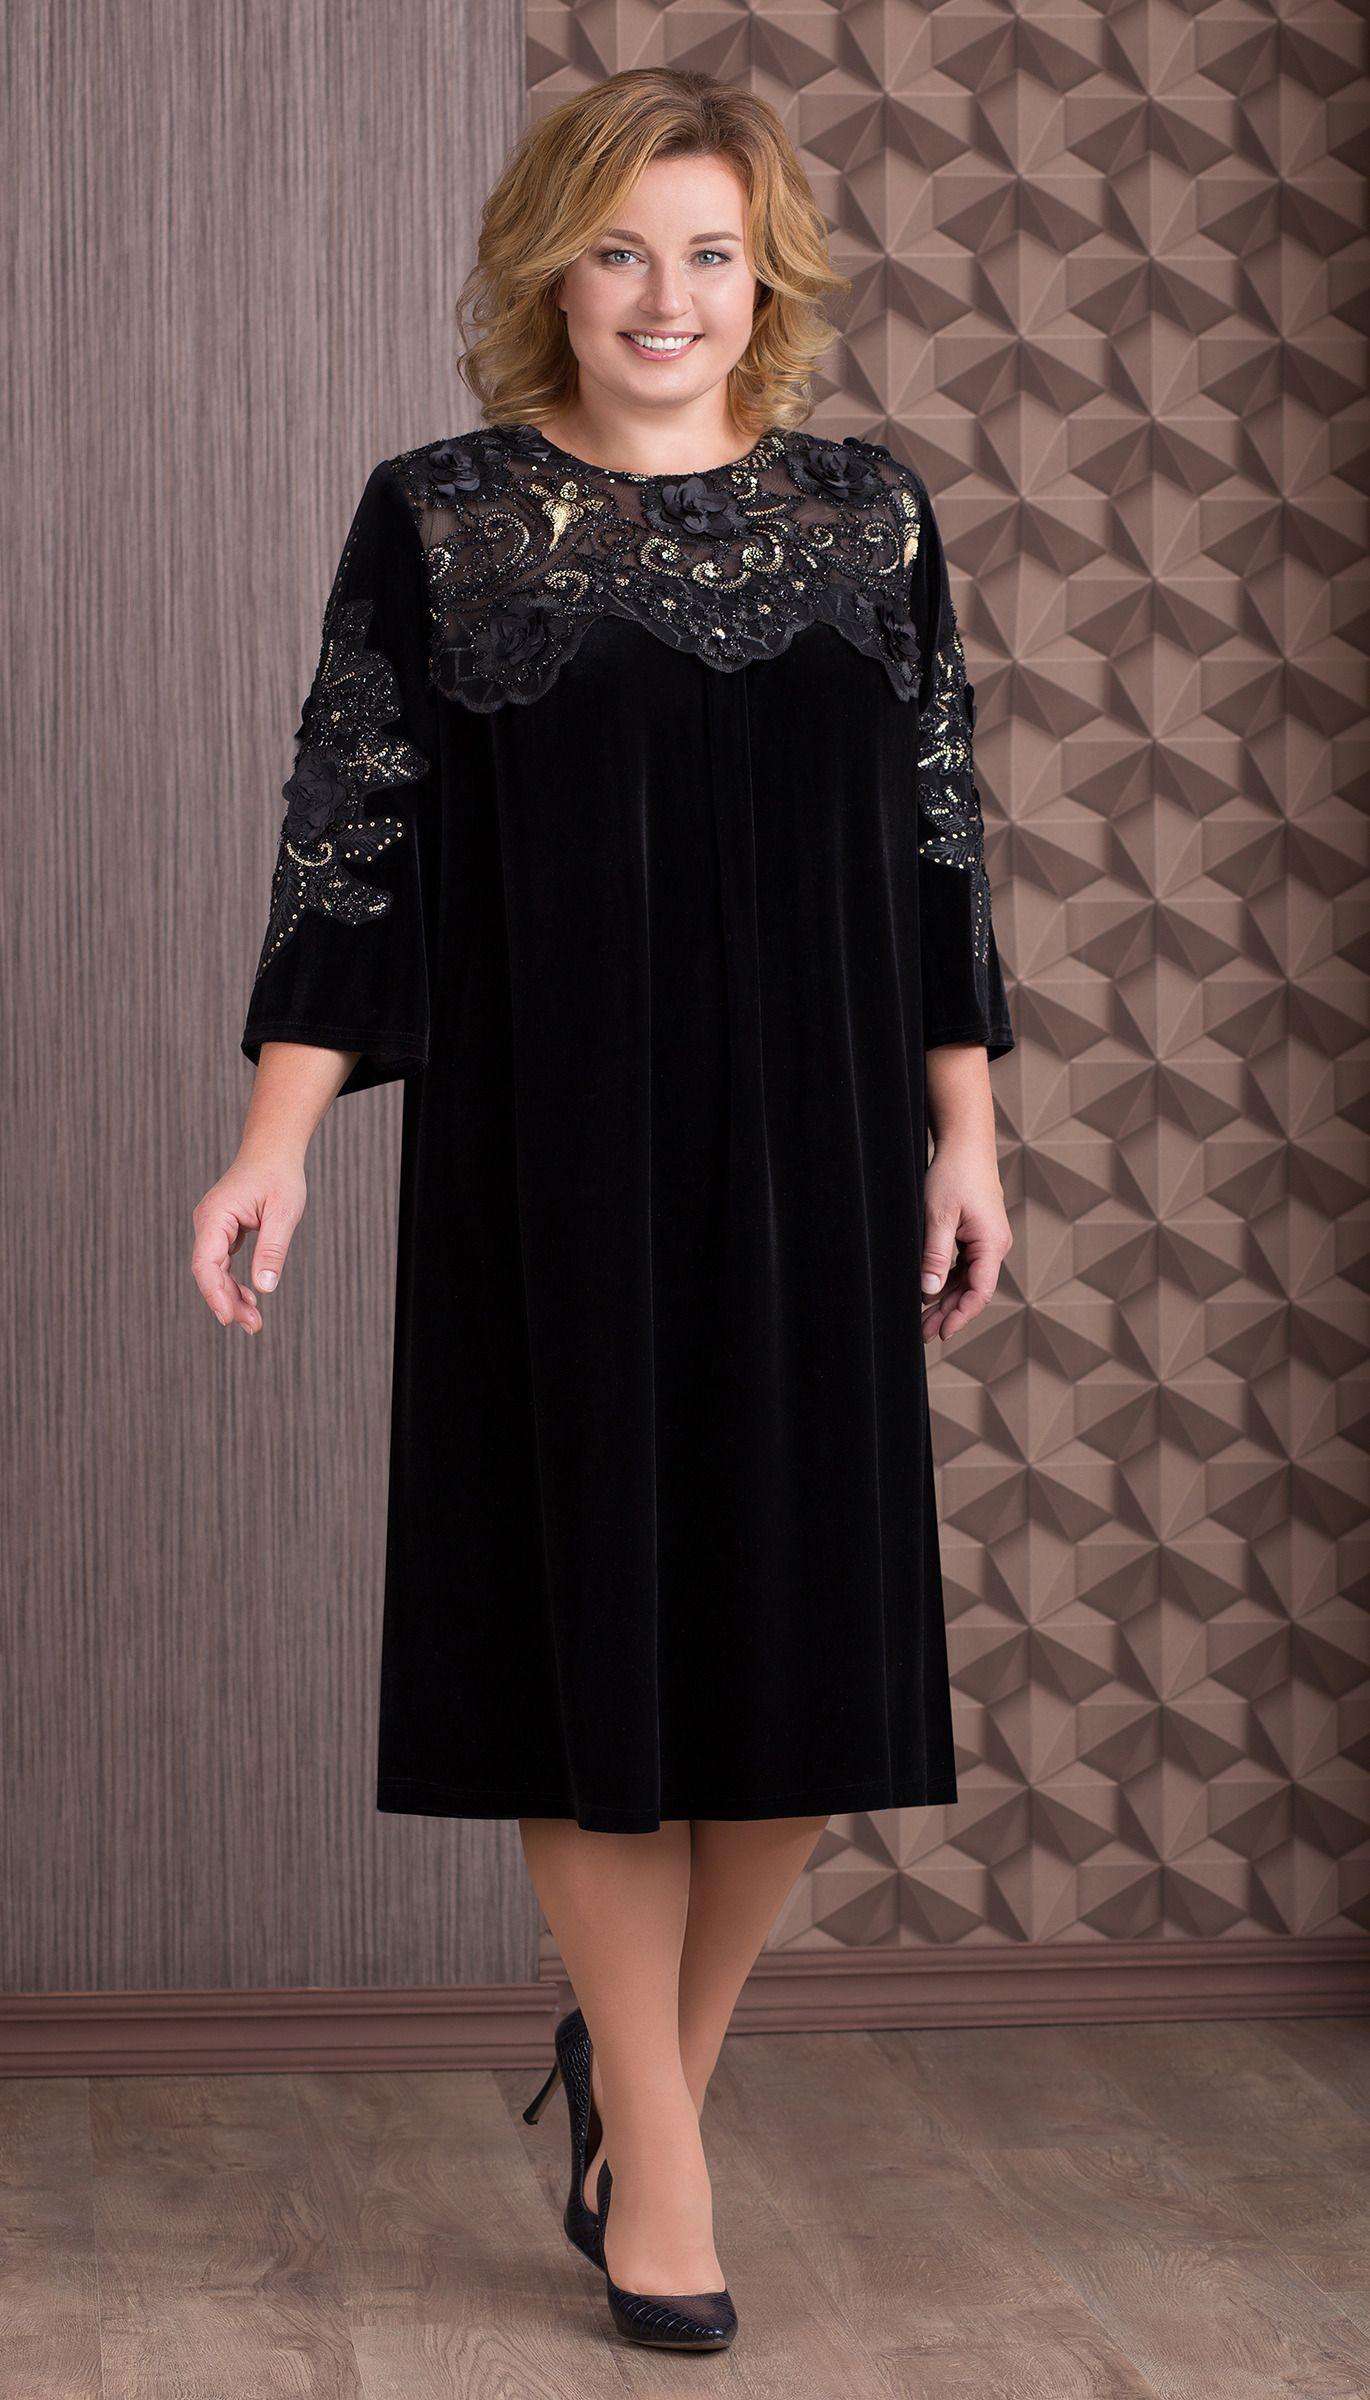 c2551b2c840 Для женщин   Одежда   Платья   Черные платья - 79 штук